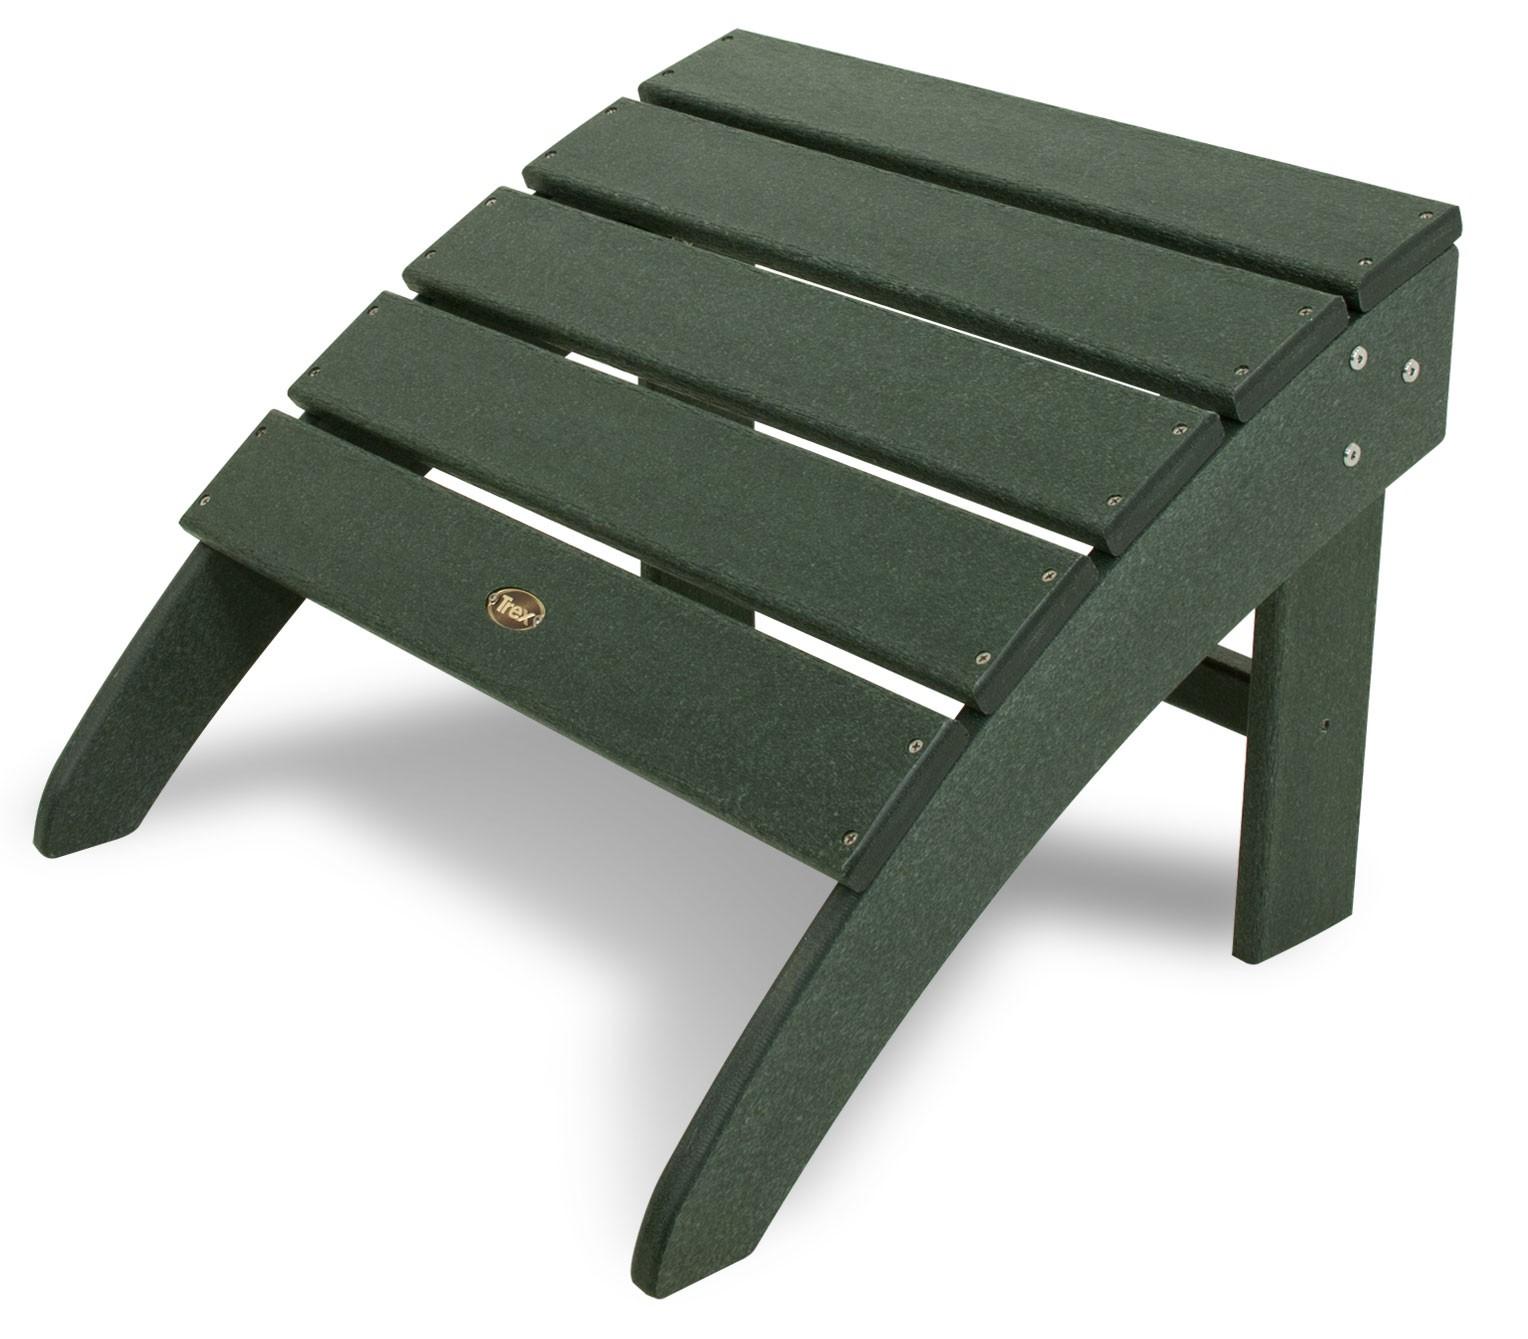 Trex 174 Outdoor Furniture Cape Cod Adirondack Ottoman